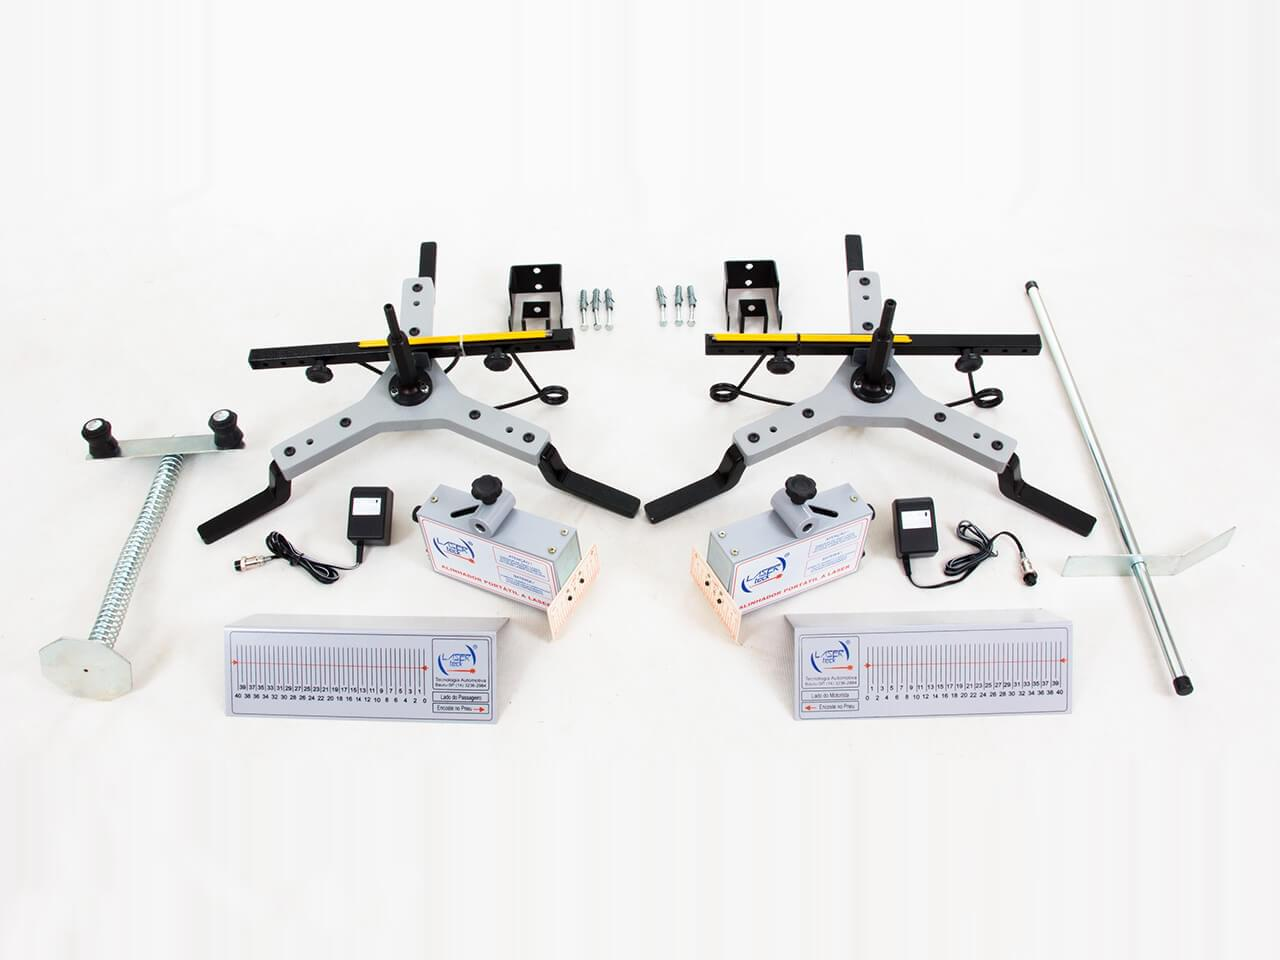 Conjunto Projetores de Painel a Laser com carregadores de Bateria + Par de escalas traseira + Par de Garras Flash (FRETE INCLUSO)